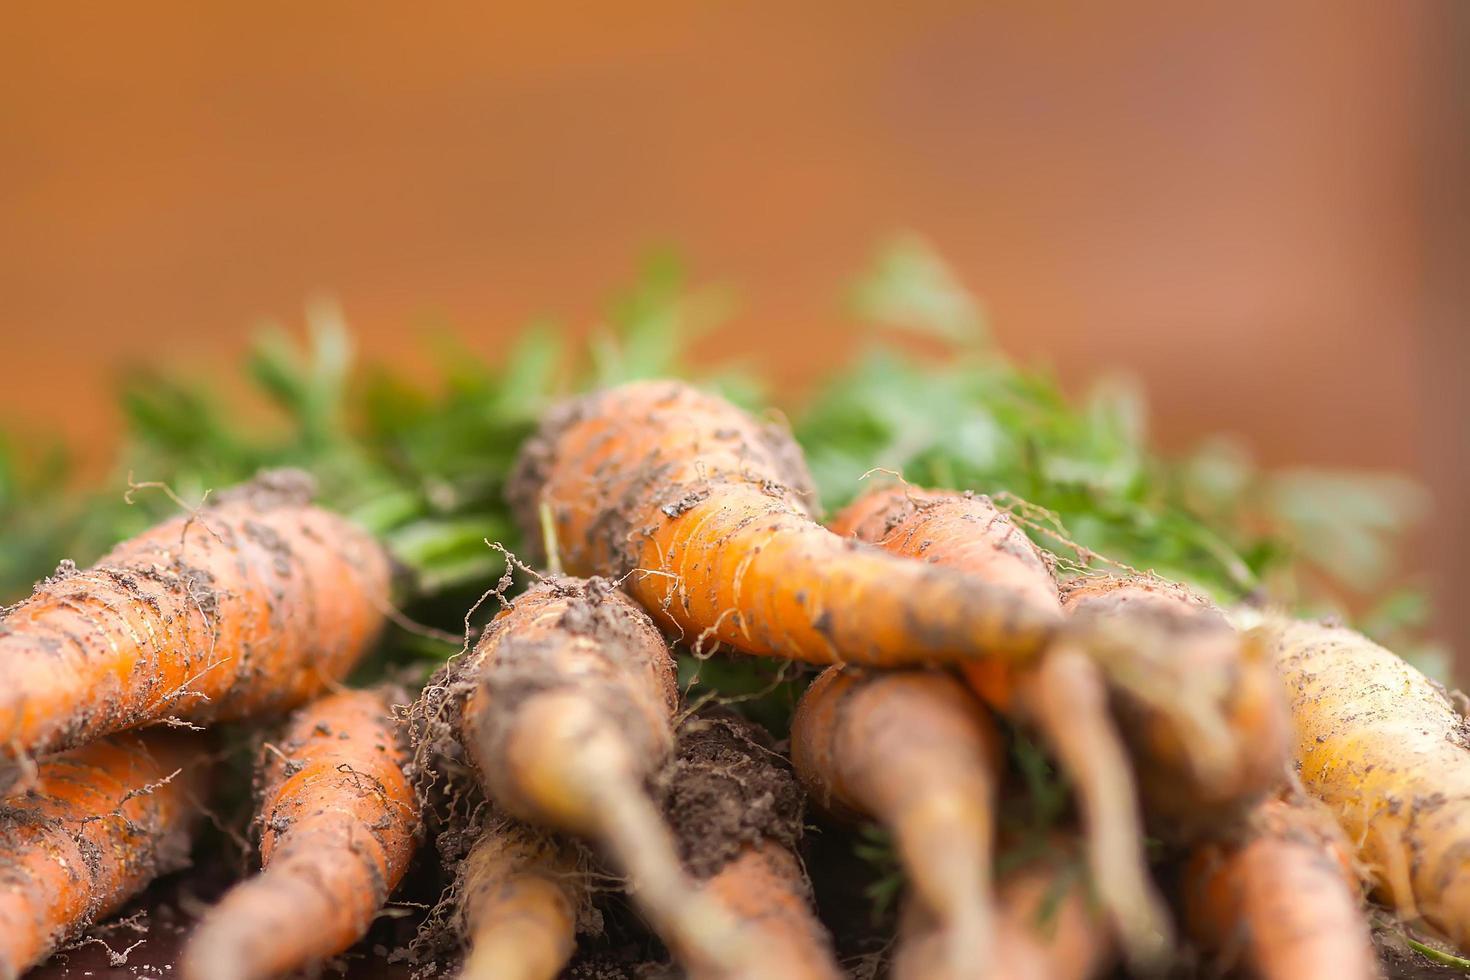 un mazzo di carote foto